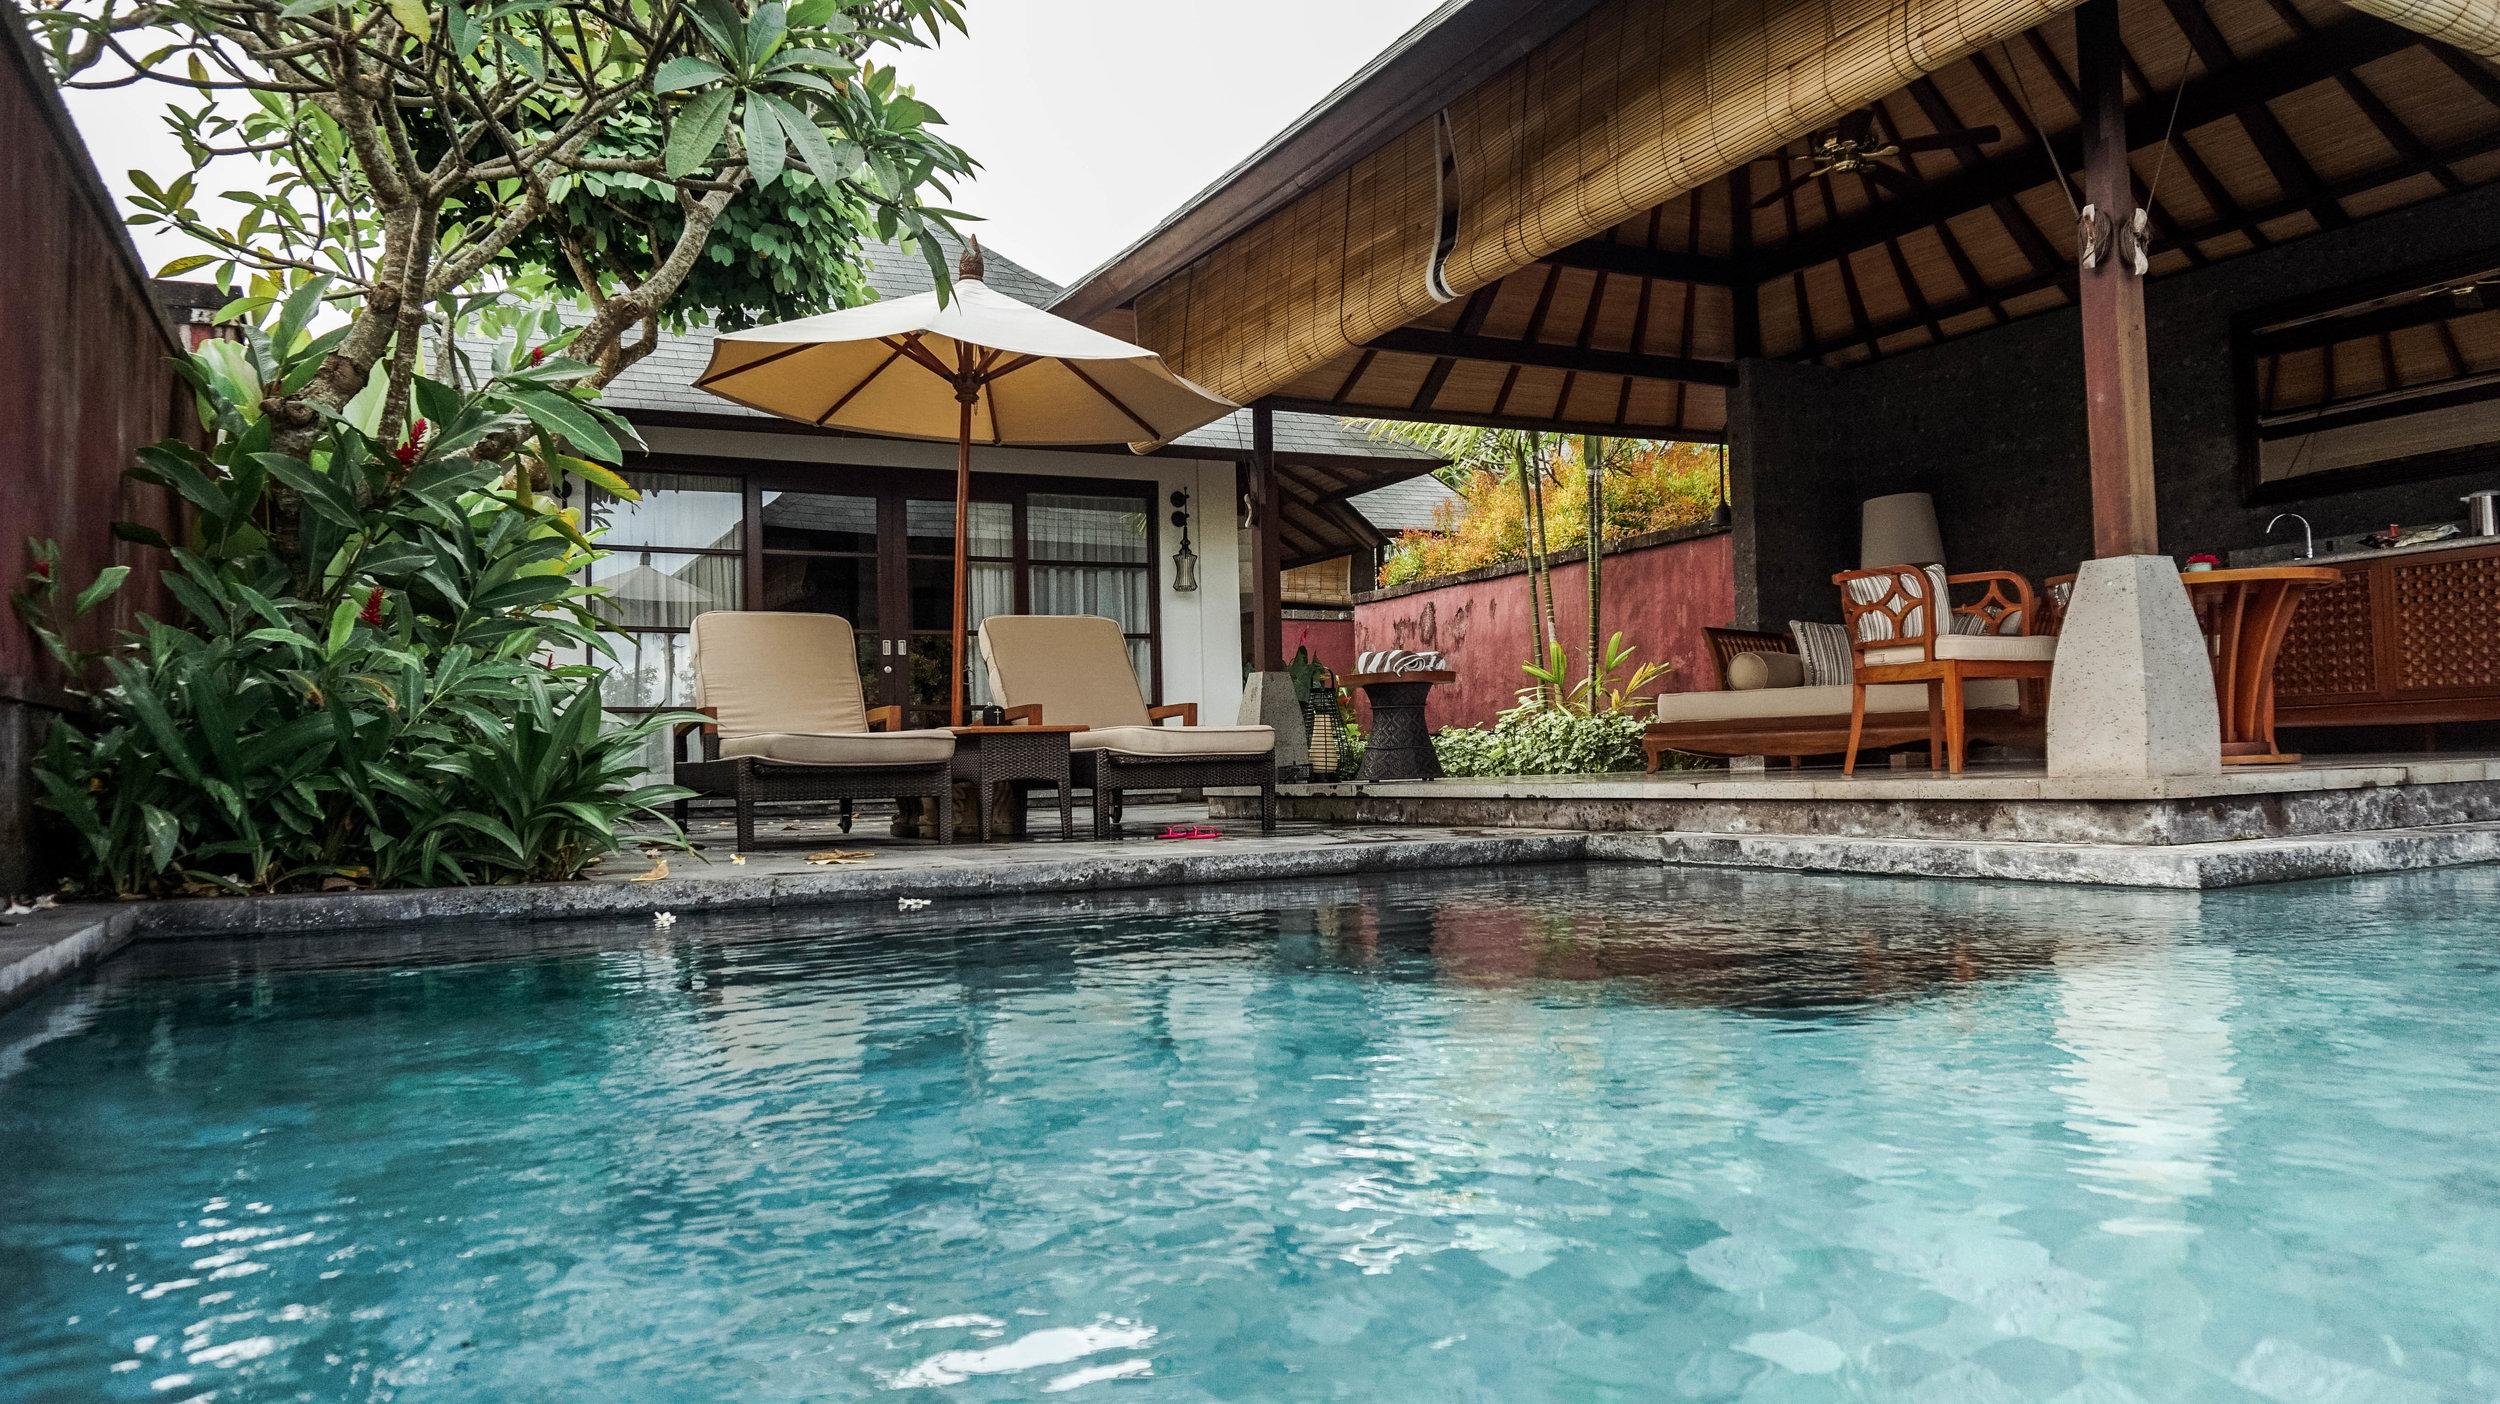 Hilton-bali-resort-1bedroom-villa-pool.jpg